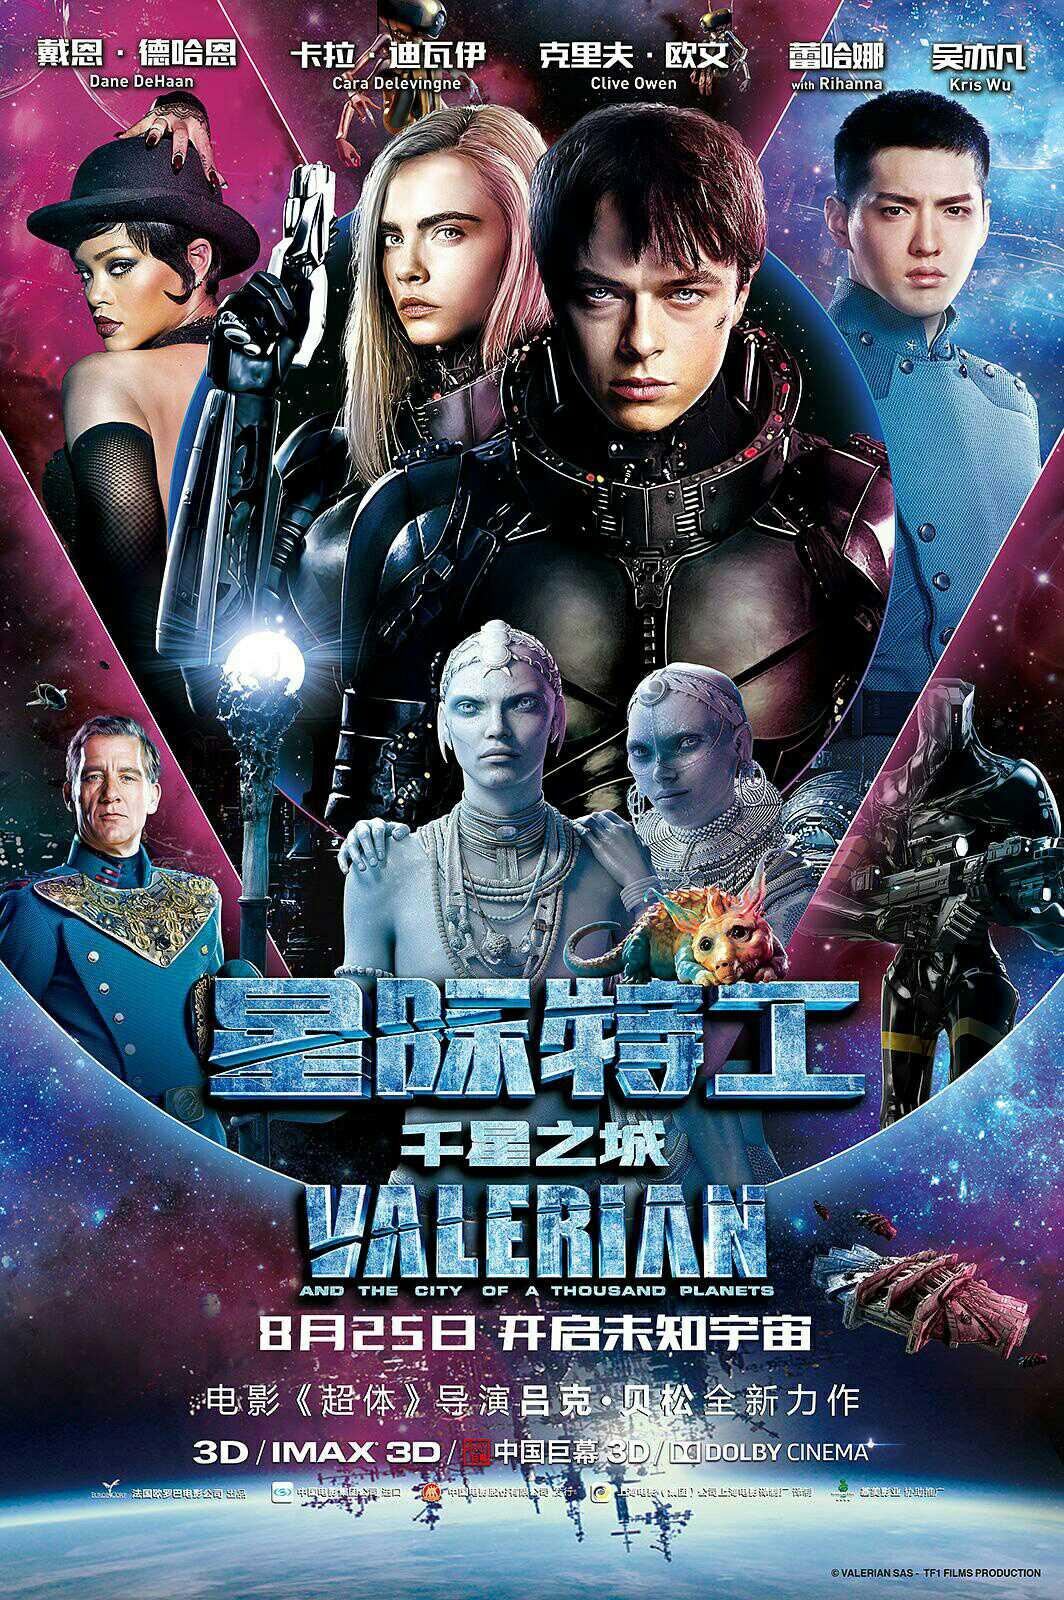 Первое издание blu-ray фильм плакат держать хорошо SJ межзвездный специальный работа тысяча звезда город (2017) фасоль клапан гол 7.1